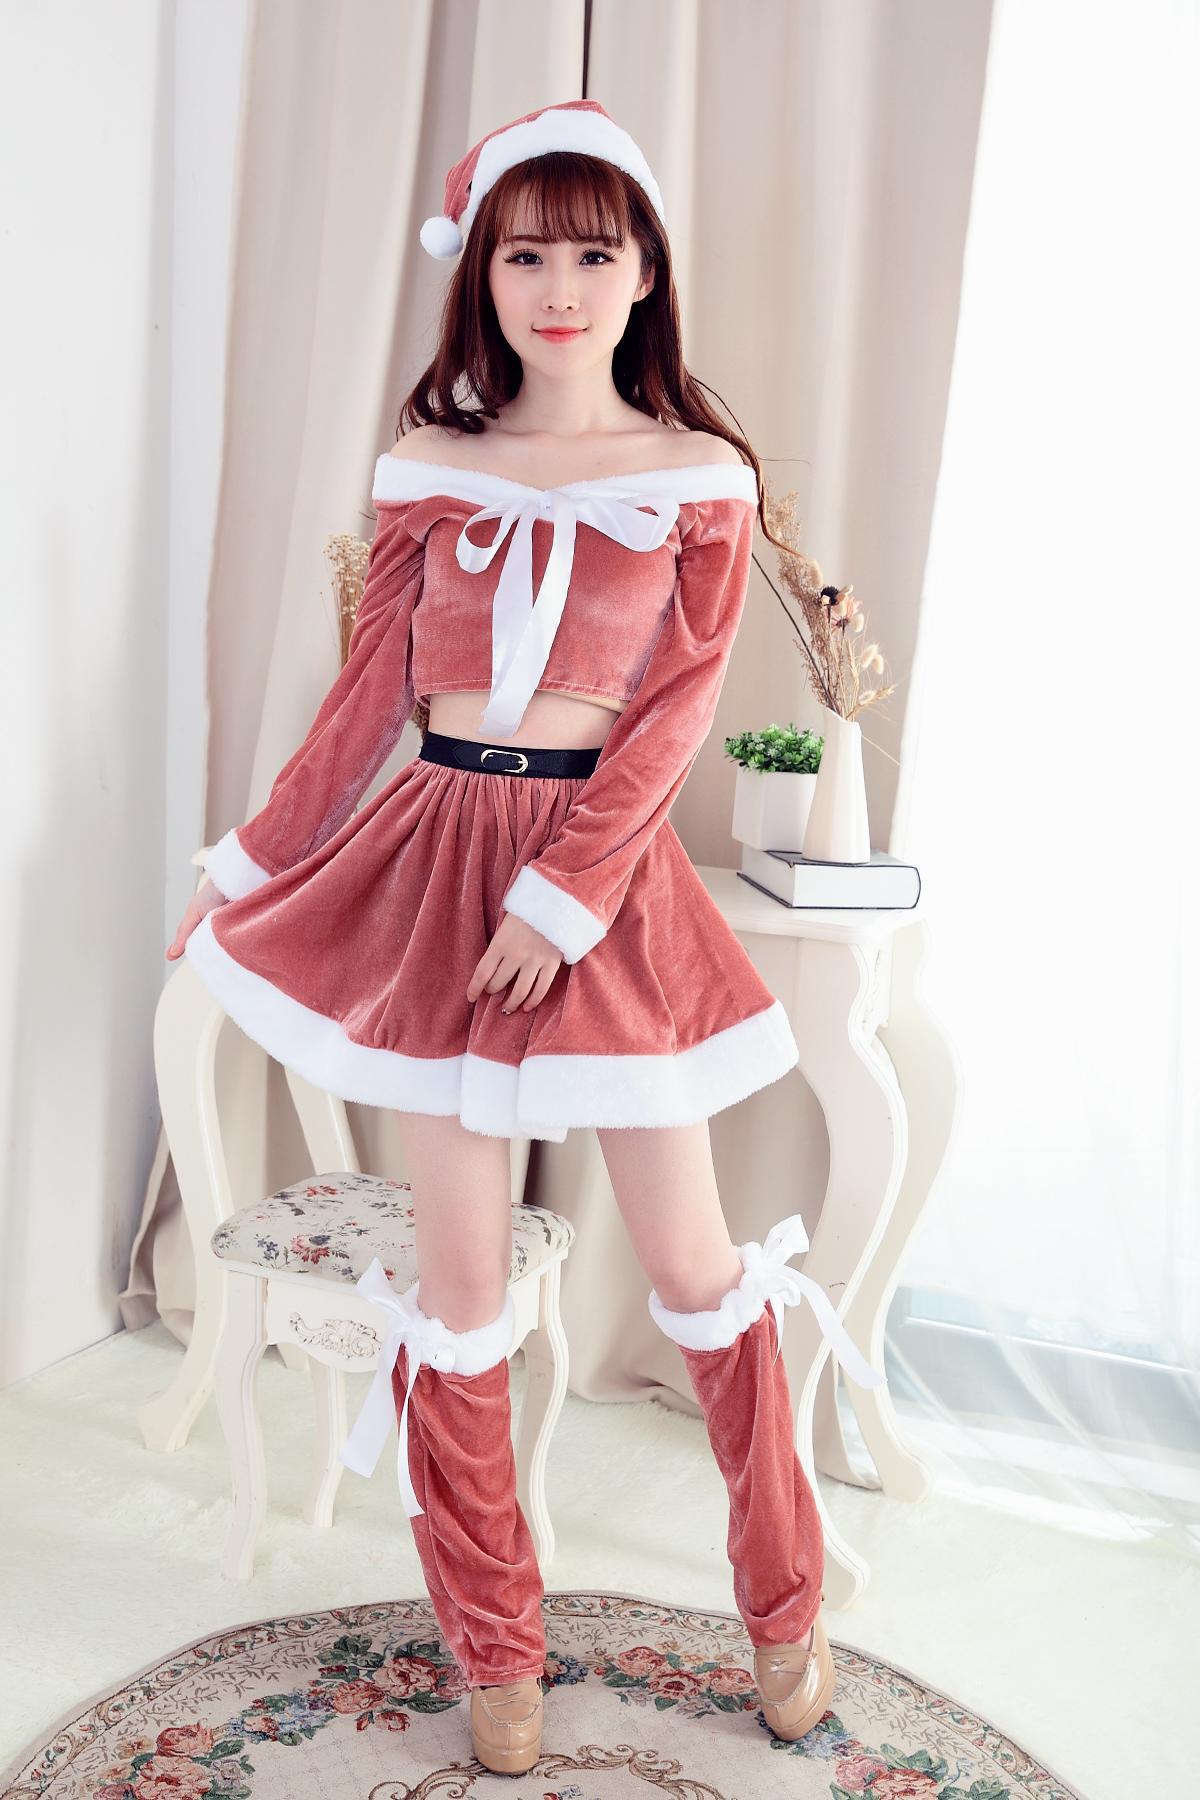 Cute Christmas Outfits.Cute Christmas Outfits For Adults Rldm